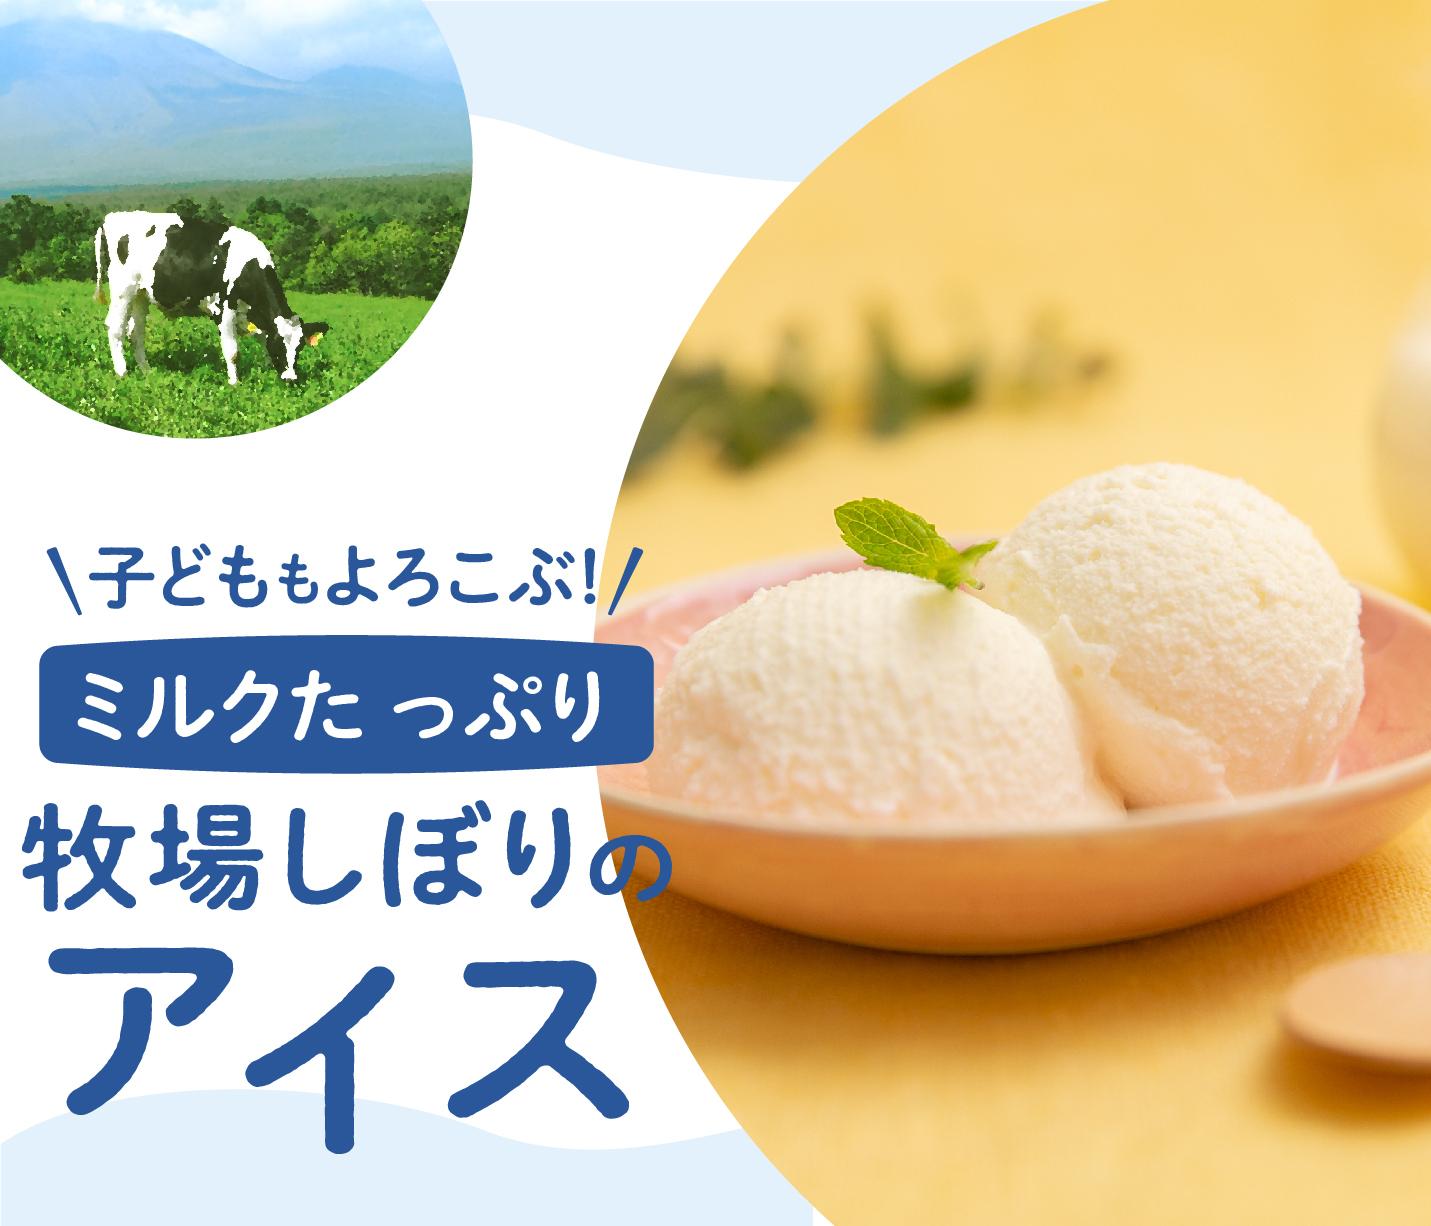 こどもも喜ぶ!ミルクたっぷり牧場しぼりのアイス